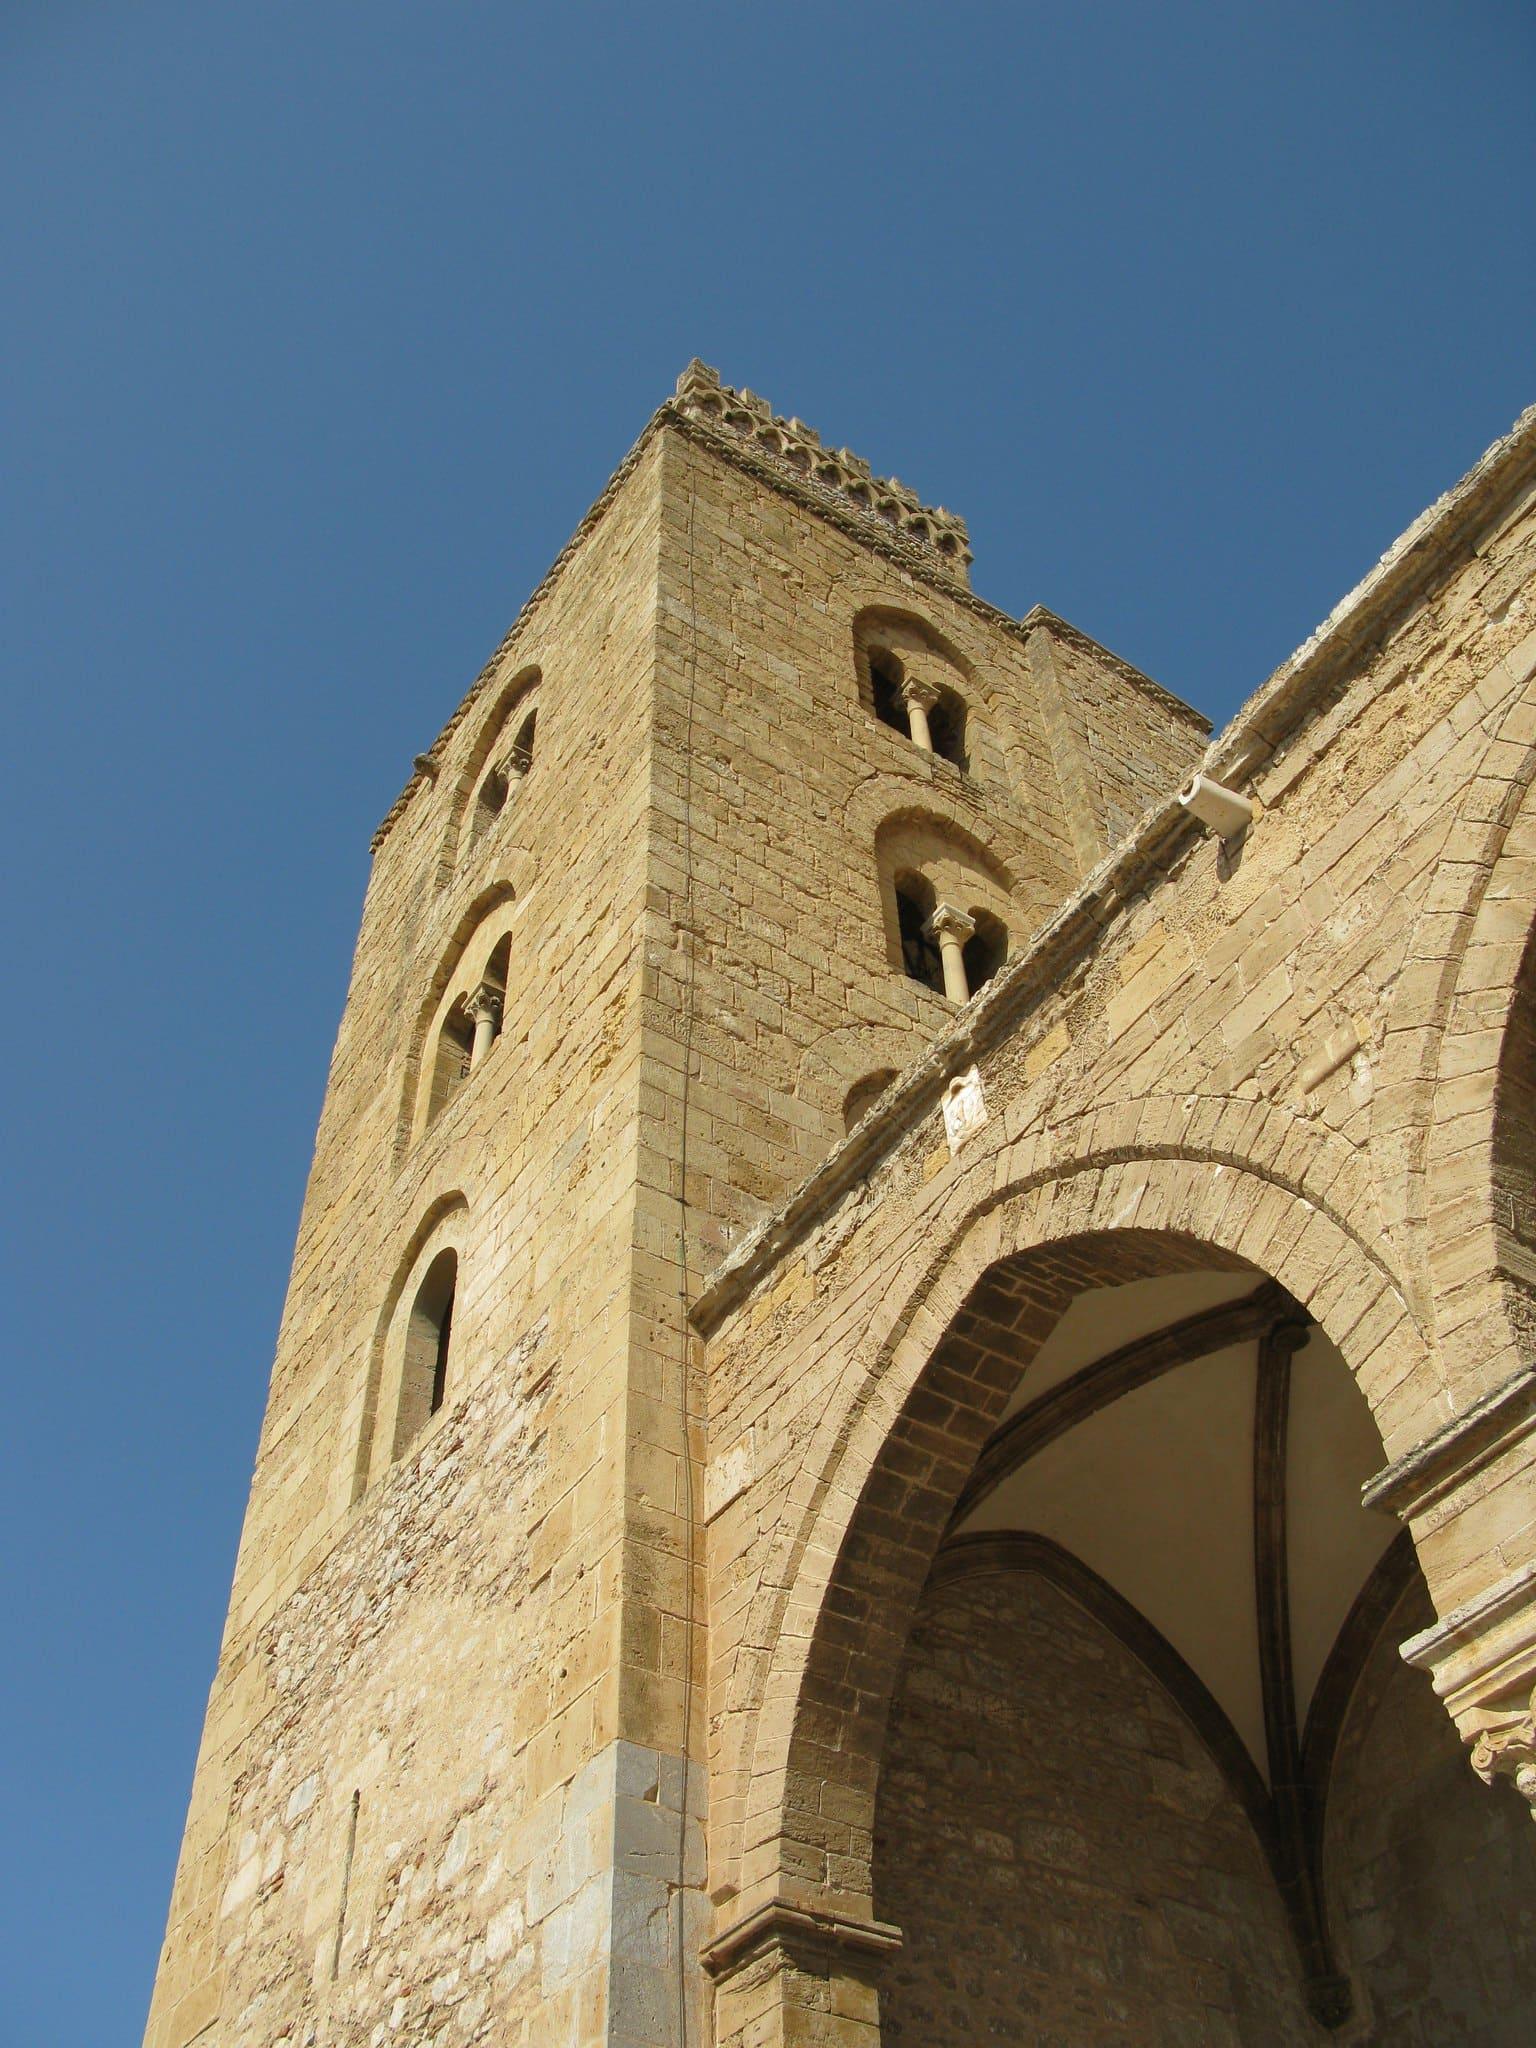 come arrivare alla cattedrale di cefalù